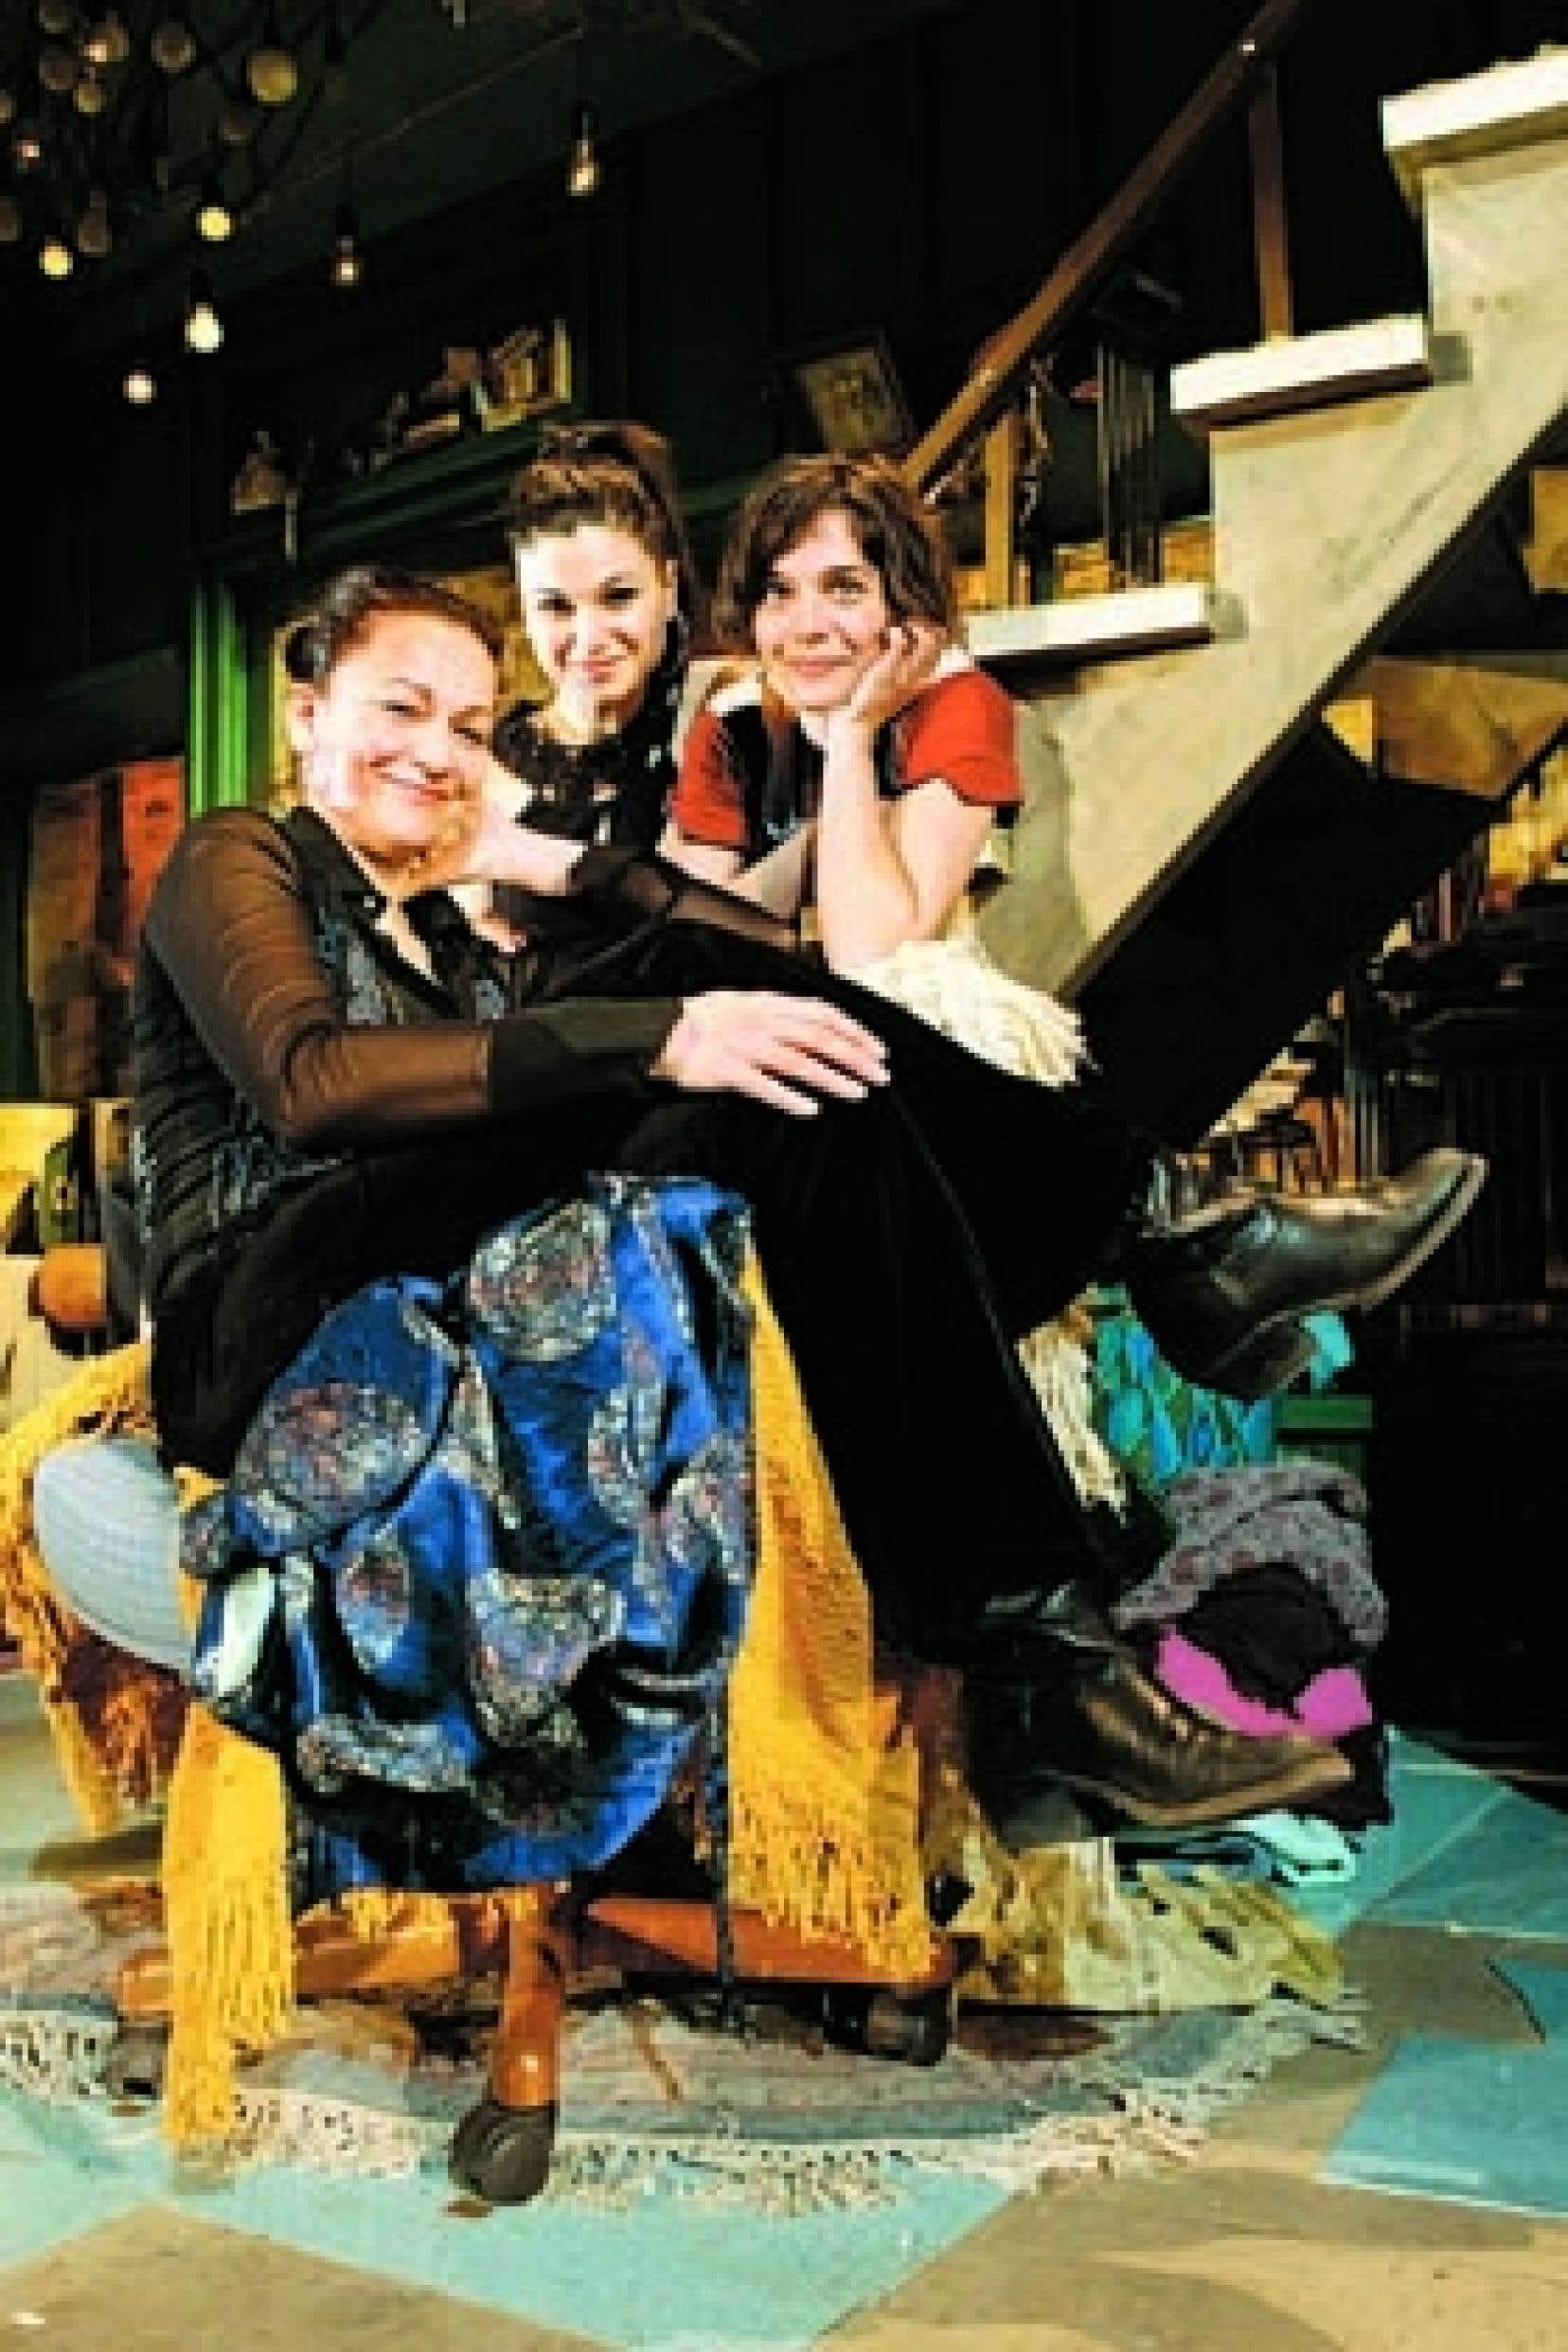 Sylvie Drapeau, Émilie Bibeau et Catherine de Léan, trois des comédiennes de L'Effet des rayons gamma sur les vieux garçons, dans le décor de la nouvelle production de la pièce de Paul Zindel au Théâtre du Rideau vert.